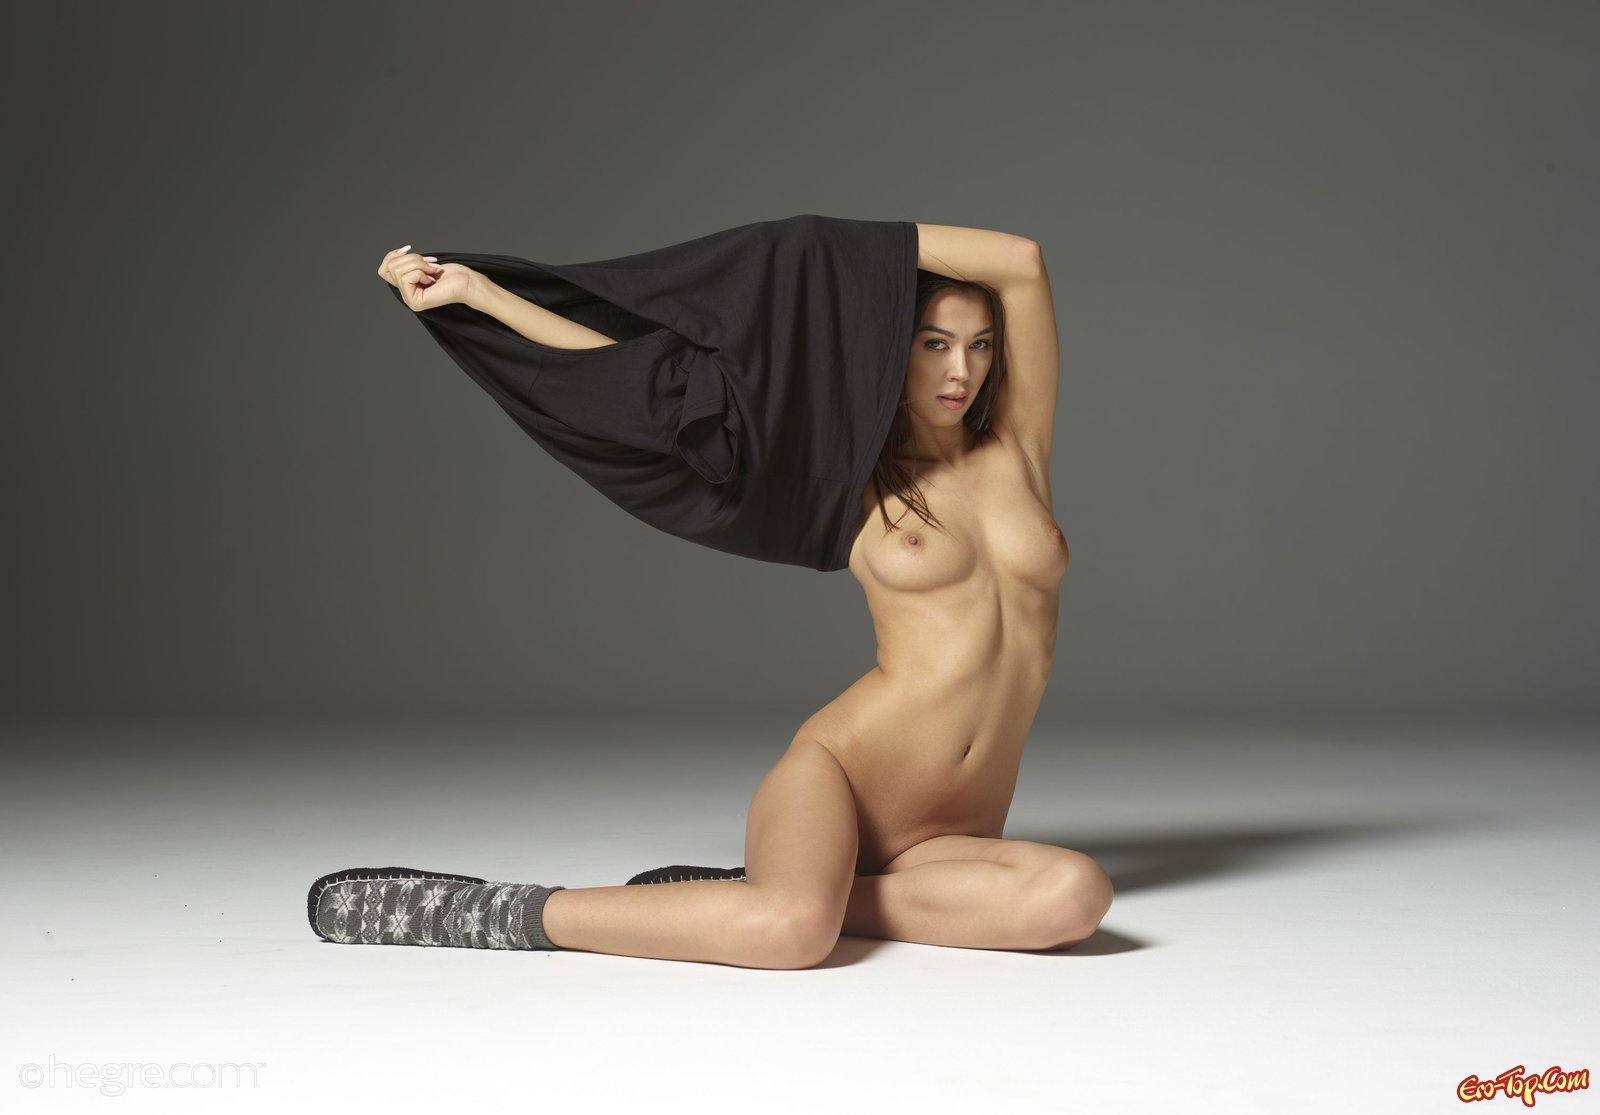 Девушка с длинными ногами позирует лежа на полу